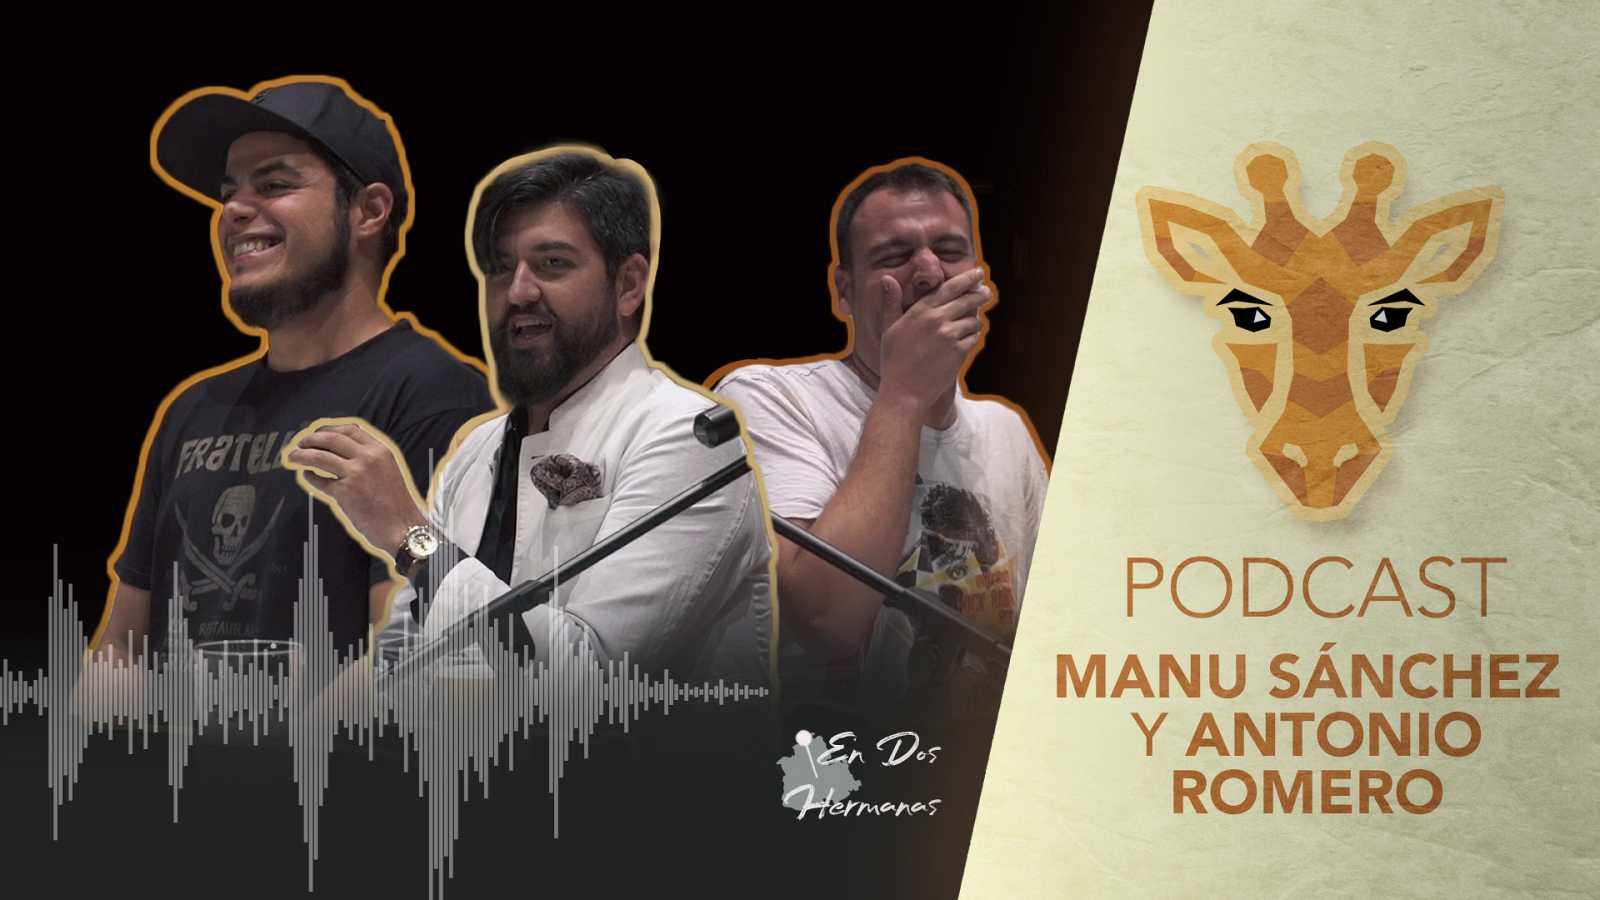 Escucha el podcast  con Manu Sánchez y Antonio Romero